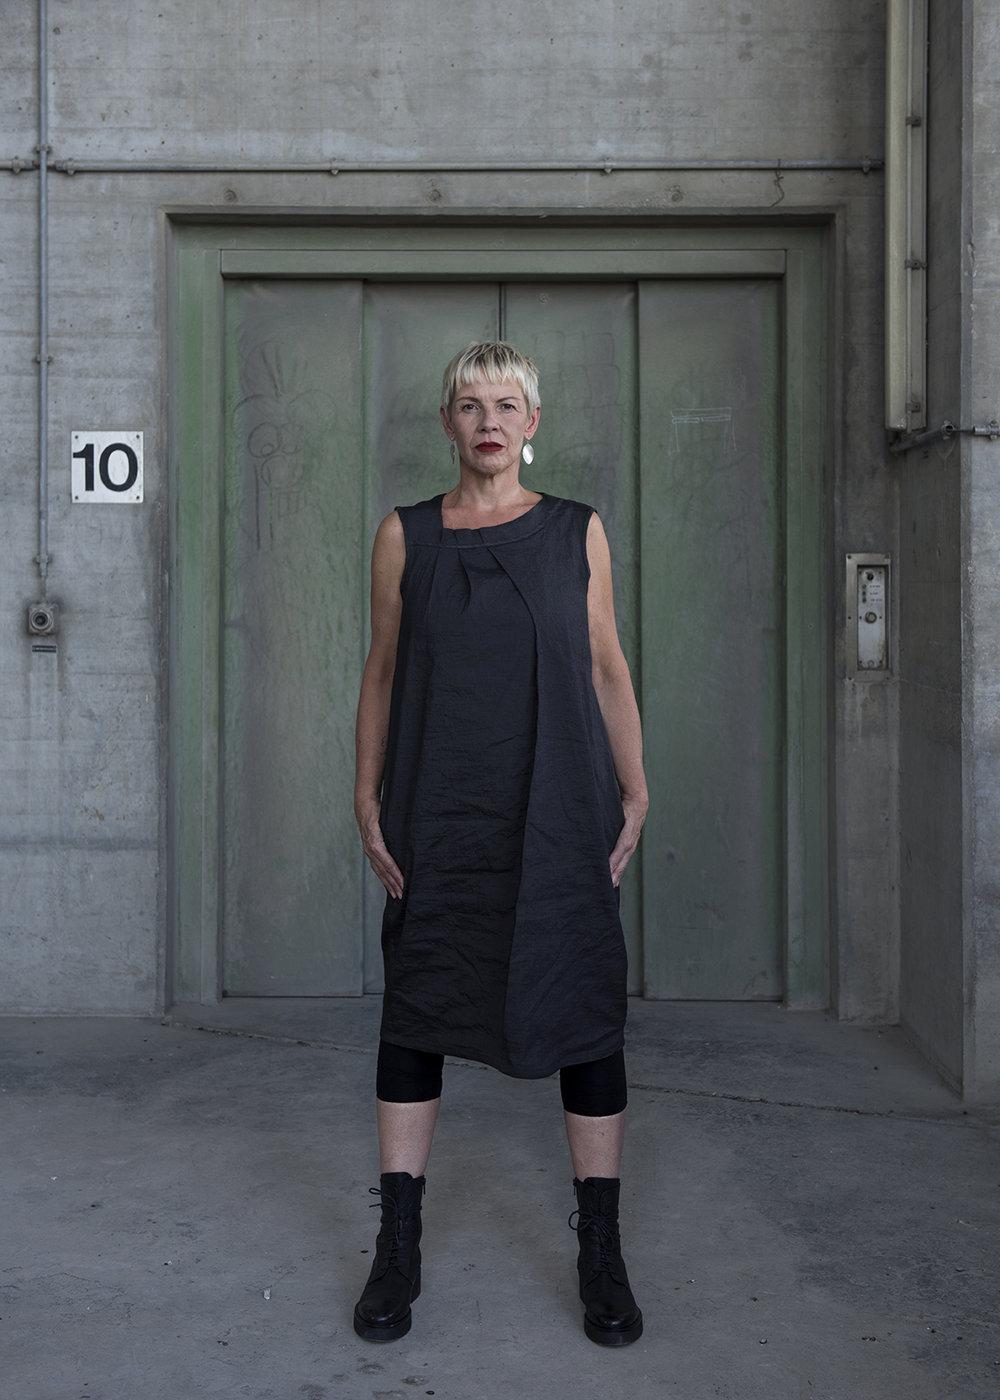 Kleid MOND:  Wadenlanges Kleid, ärmellos mit raffiniertem Faltenausschnitt, schwarz metallic. CHF 420.-